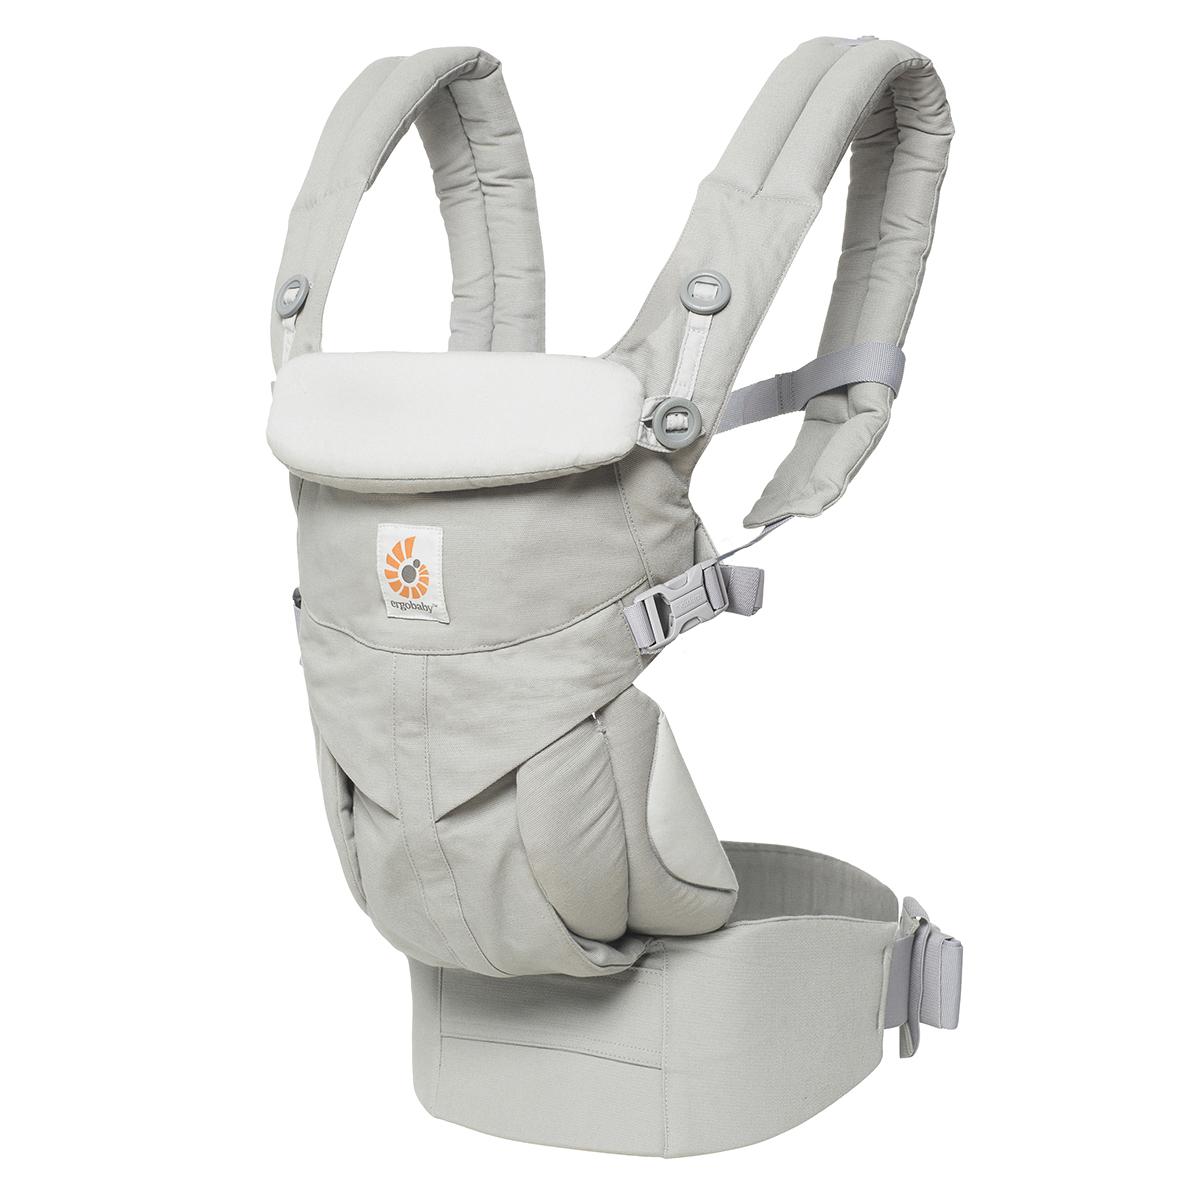 Porte bébé Porte-bébé Omni 360 - Gris Porte-bébé Omni 360 - Gris